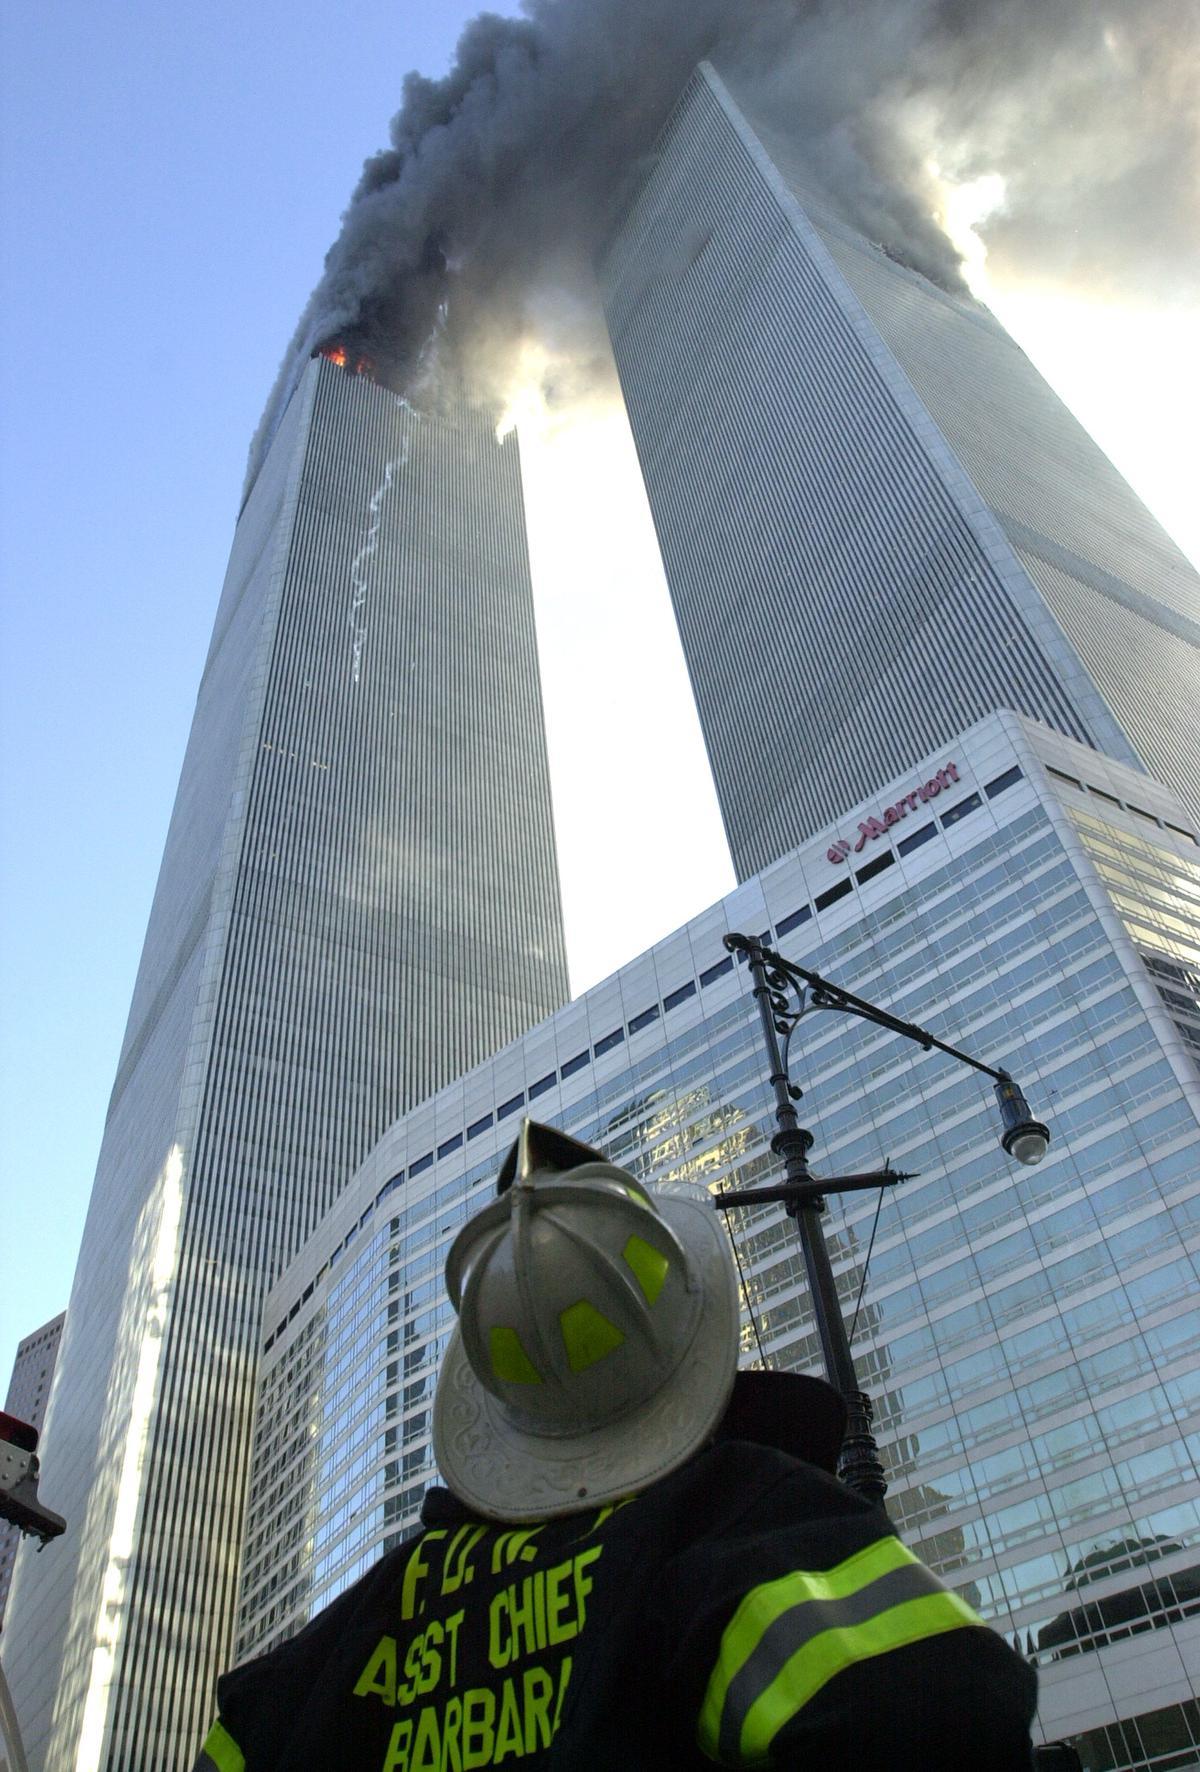 """Greet was bij de eerste groep journalisten die na 9/11 op Ground Zero werd toegelaten. """"In die dagen heeft mijn 'professionele ik' het helemaal overgenomen. Ik draaide volledig op adrenaline."""" (foto David Handschuh/NY Daily News Archive via Getty Images)©New York Daily News Archive NY Daily News via Getty Images"""